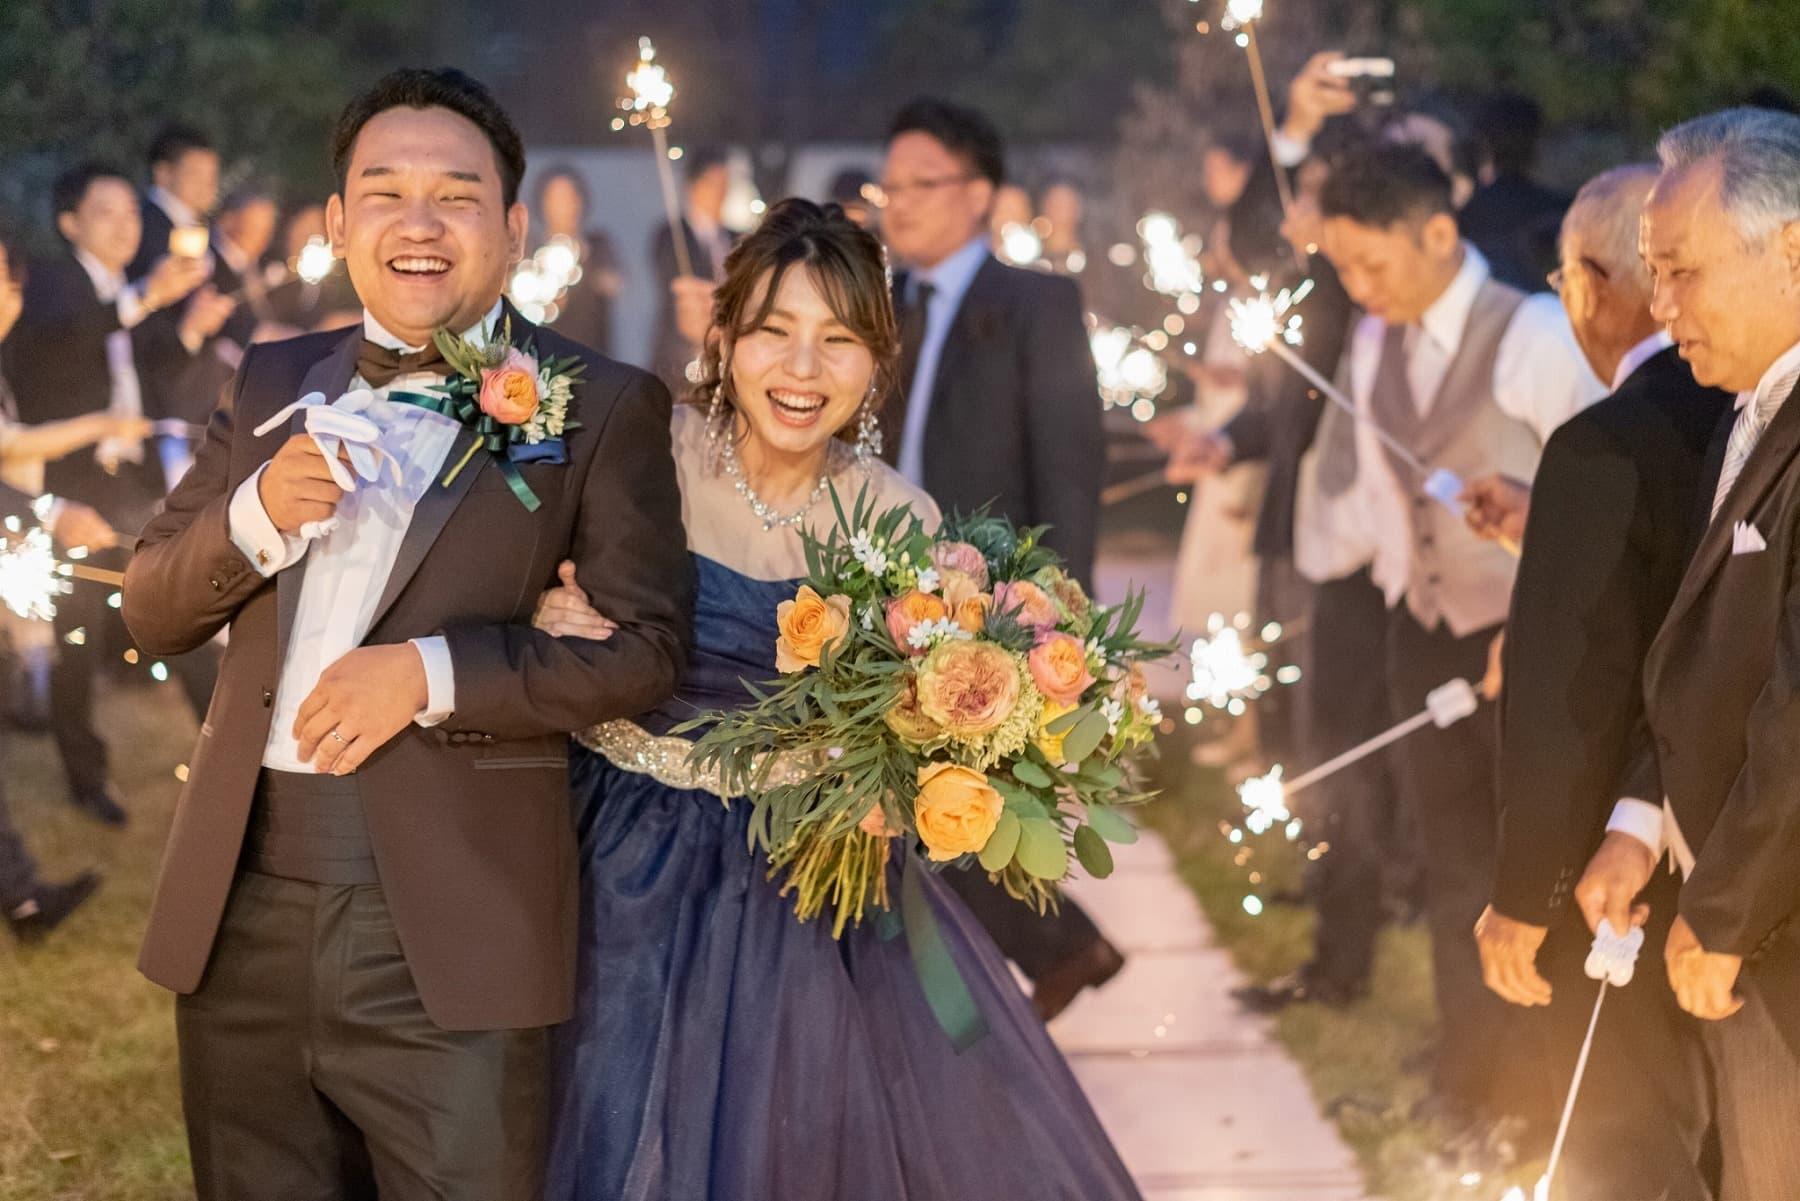 香川の結婚式場シェルエメール&アイスタイル 花火シャワー